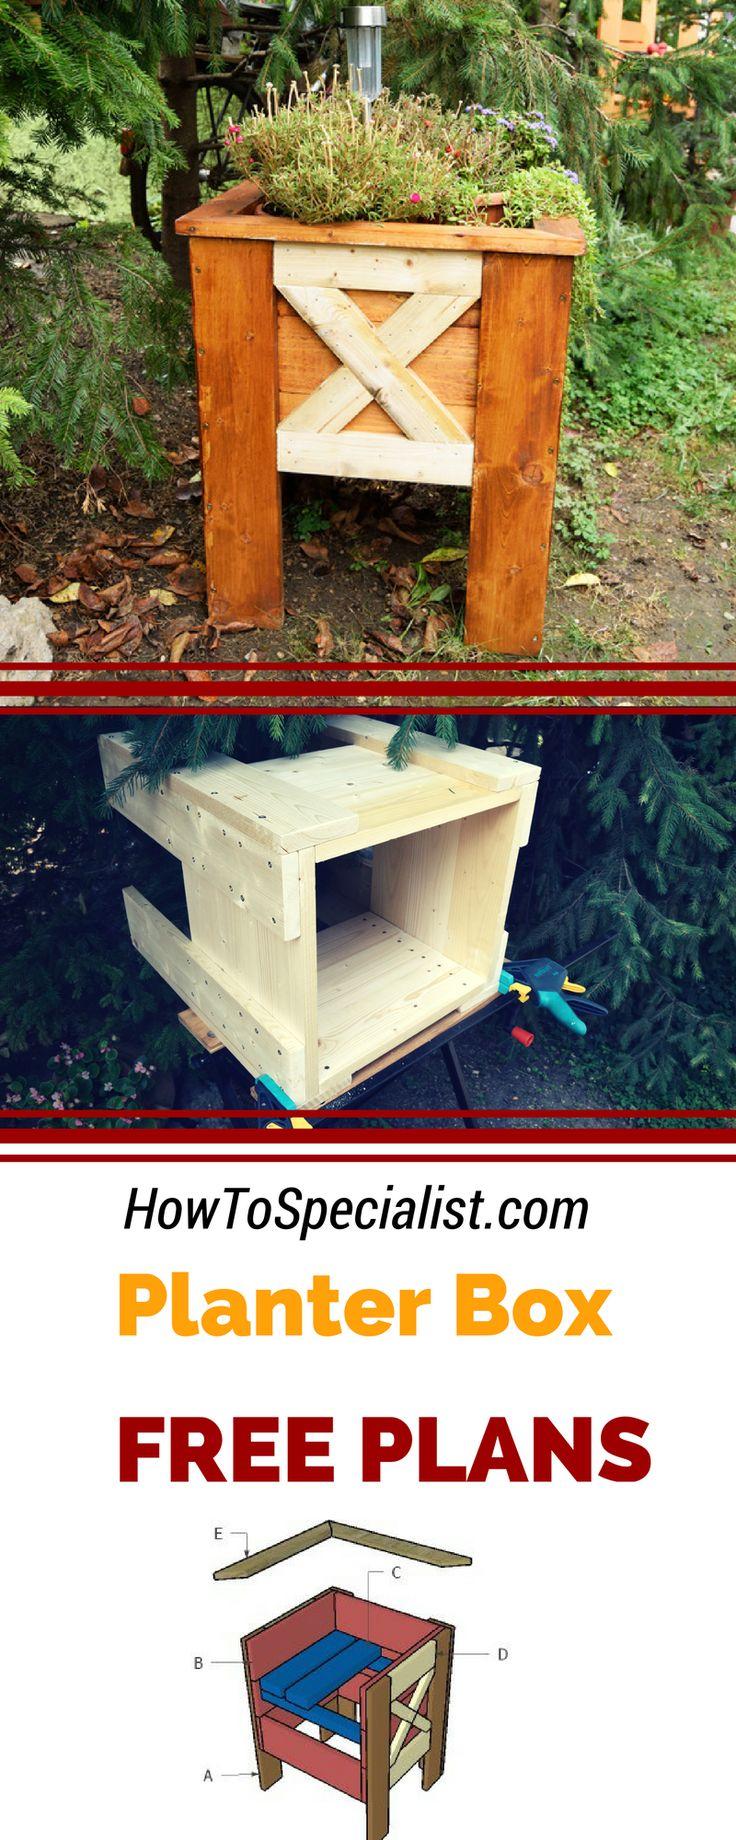 158 Best Planter Box Plans Images On Pinterest 400 x 300